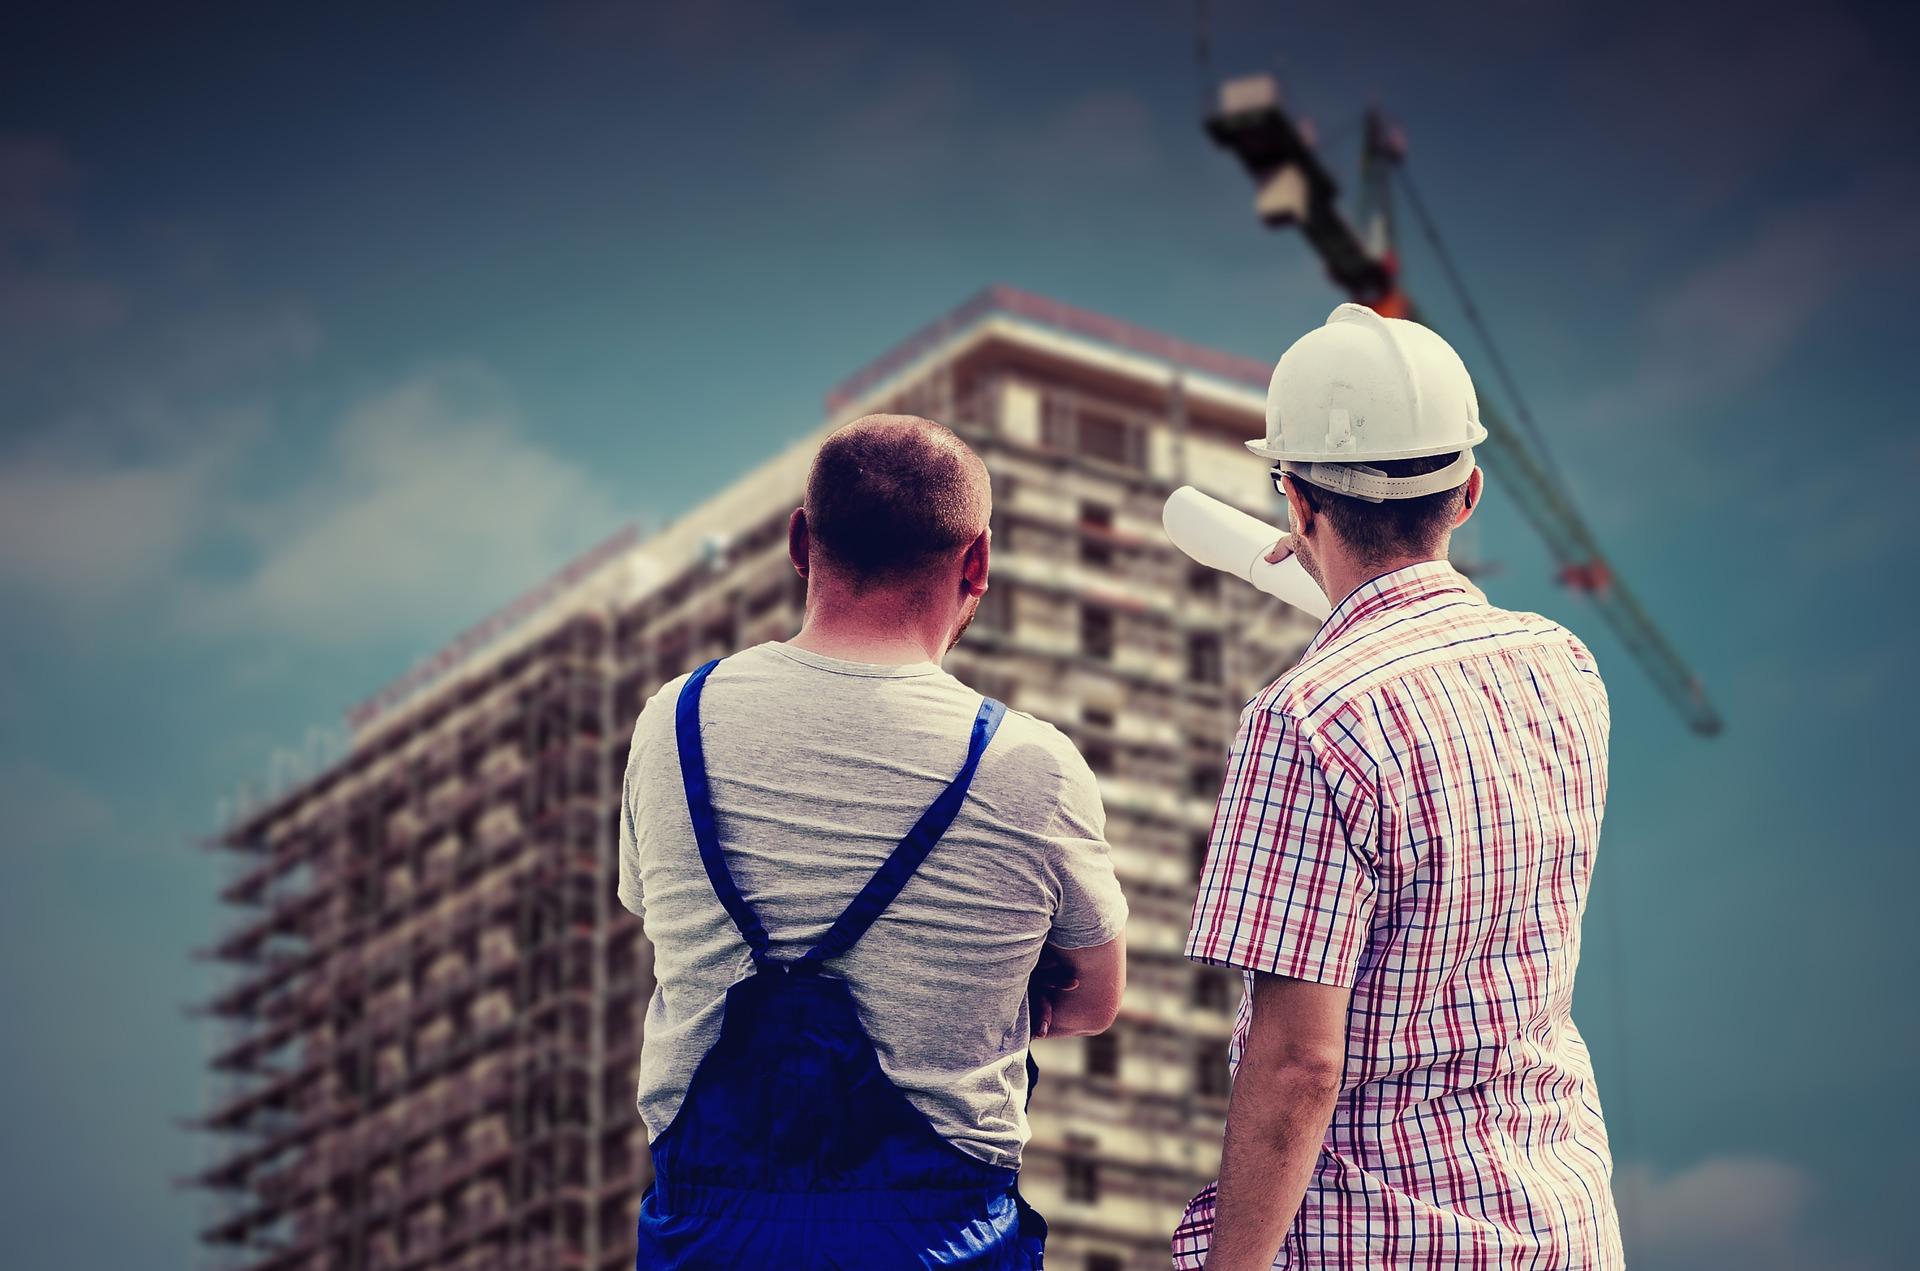 une stratégie digitale pour les entreprises de la construction